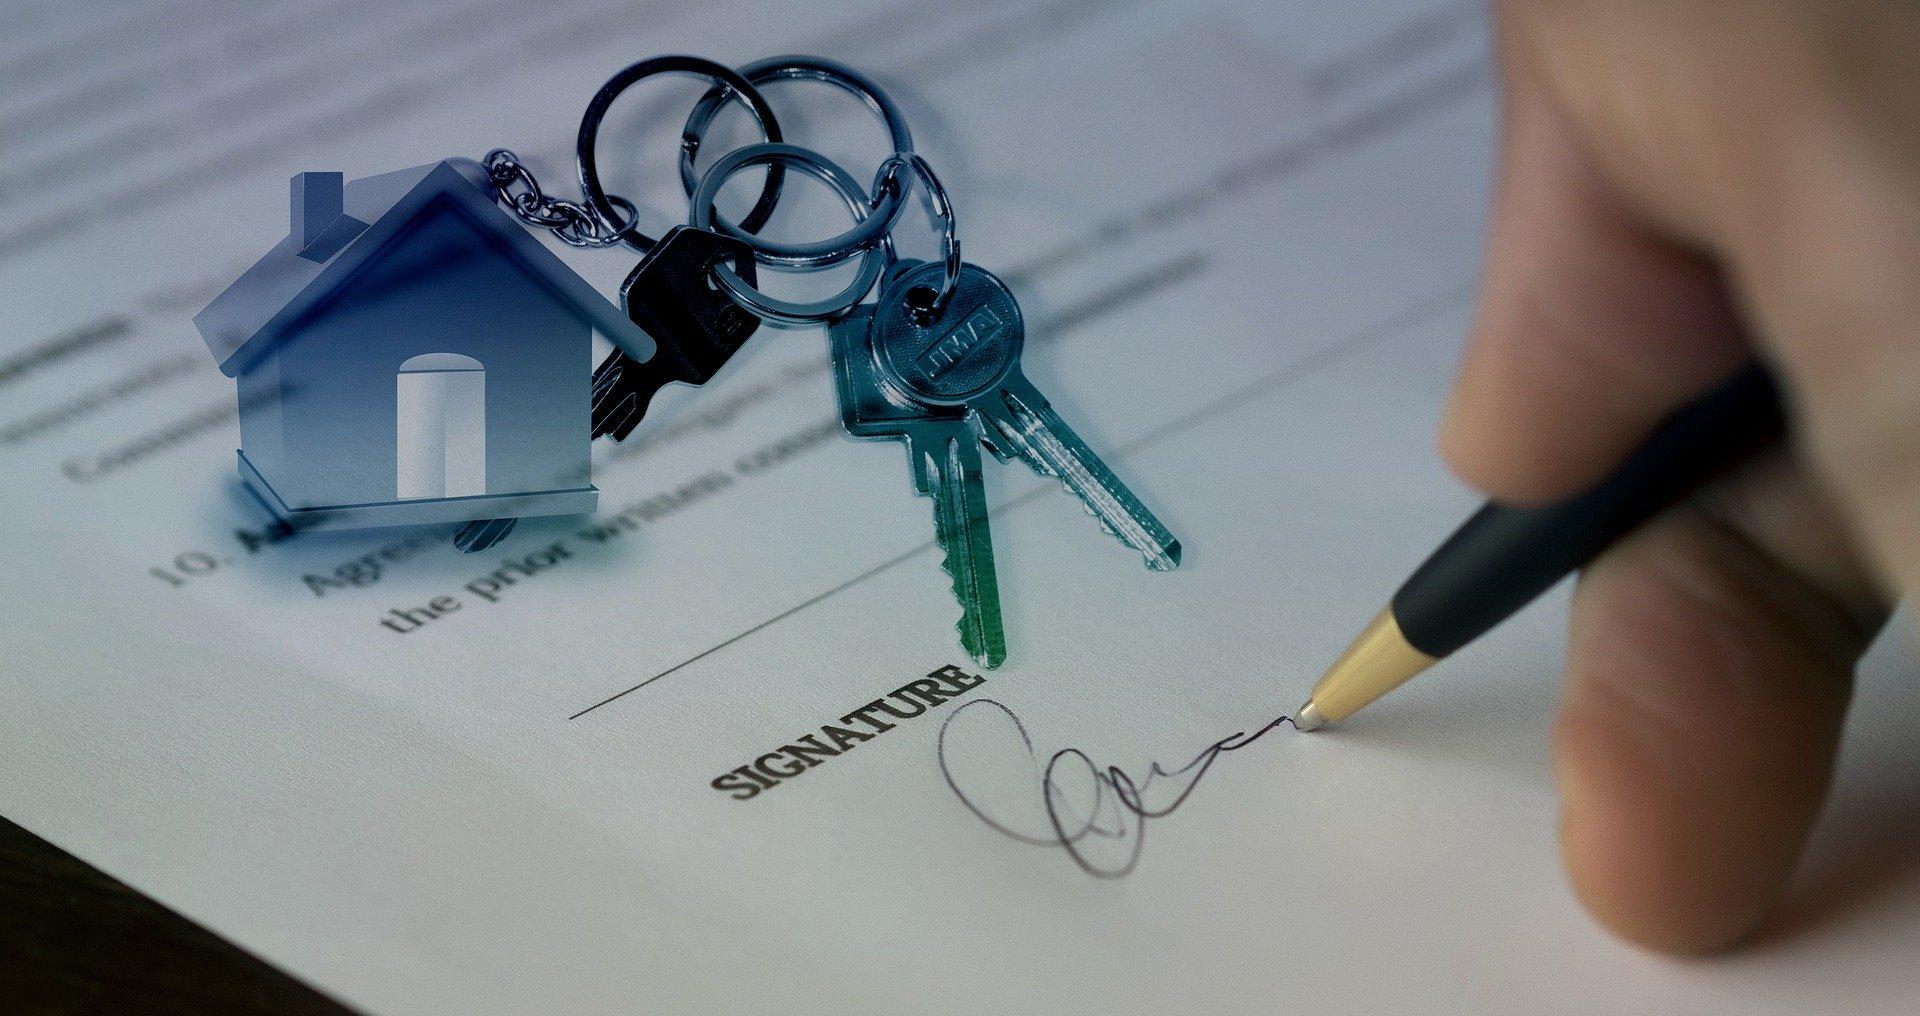 Imagem de uma mão assinando um contrato com um desenho de chaves e de uma pequena casa.